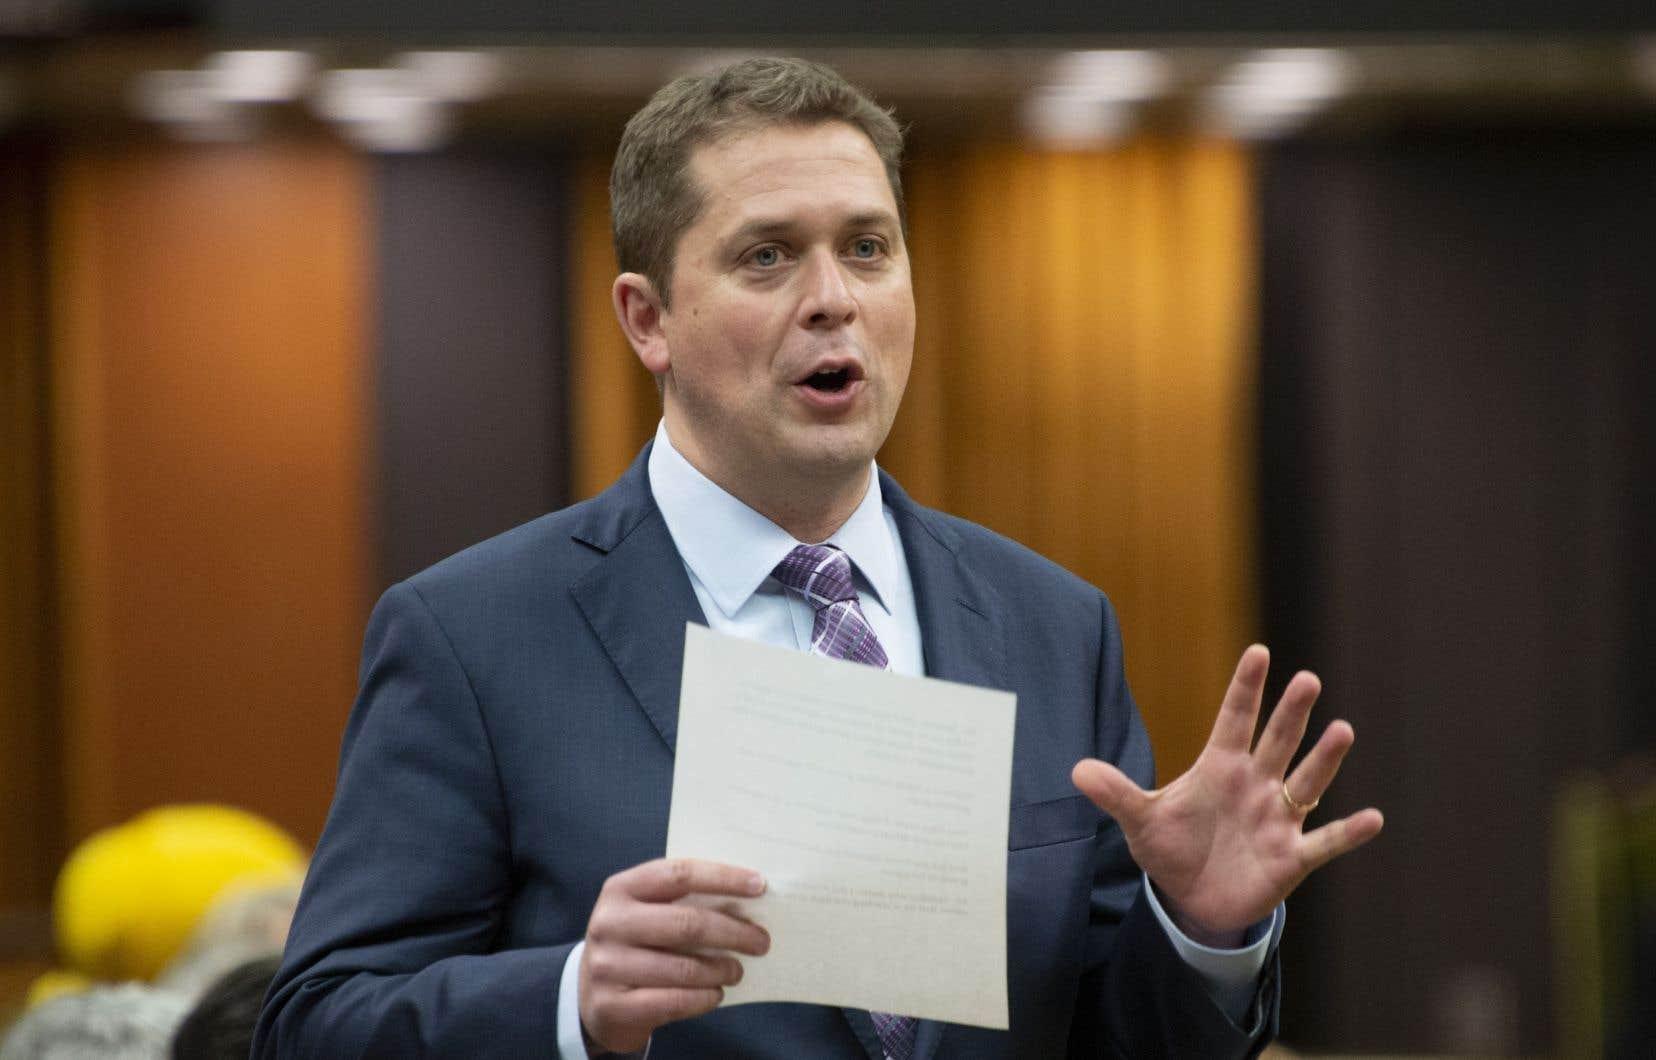 Le chef du Parti conservateur du Canada, Andrew Scheer, a profité de son discours devant les élus pour écorcher le premier ministre Justin Trudeau.